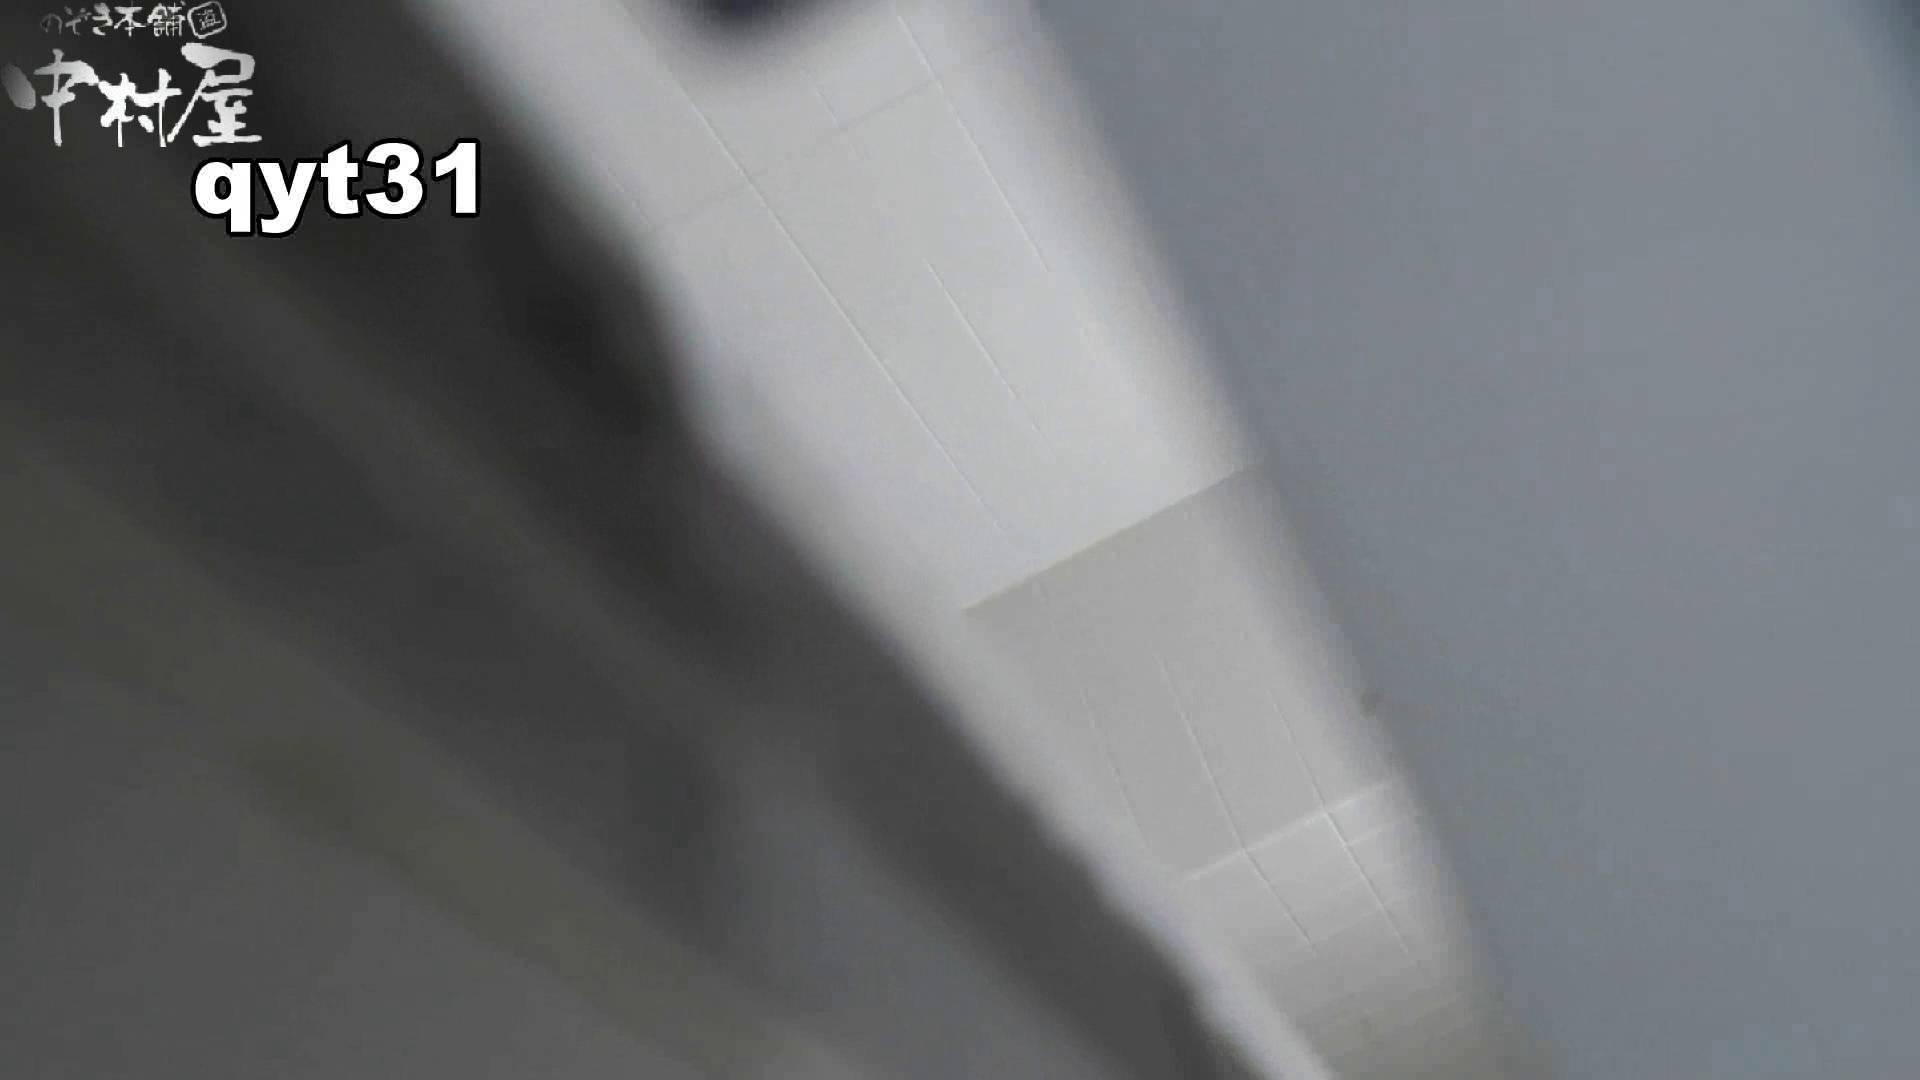 【お銀さんの「洗面所突入レポート!!」】お銀さんの「洗面所突入レポート!!」 vol.31 Σ(||゚Д゚)ヒィ~!! 洗面所  71枚 12